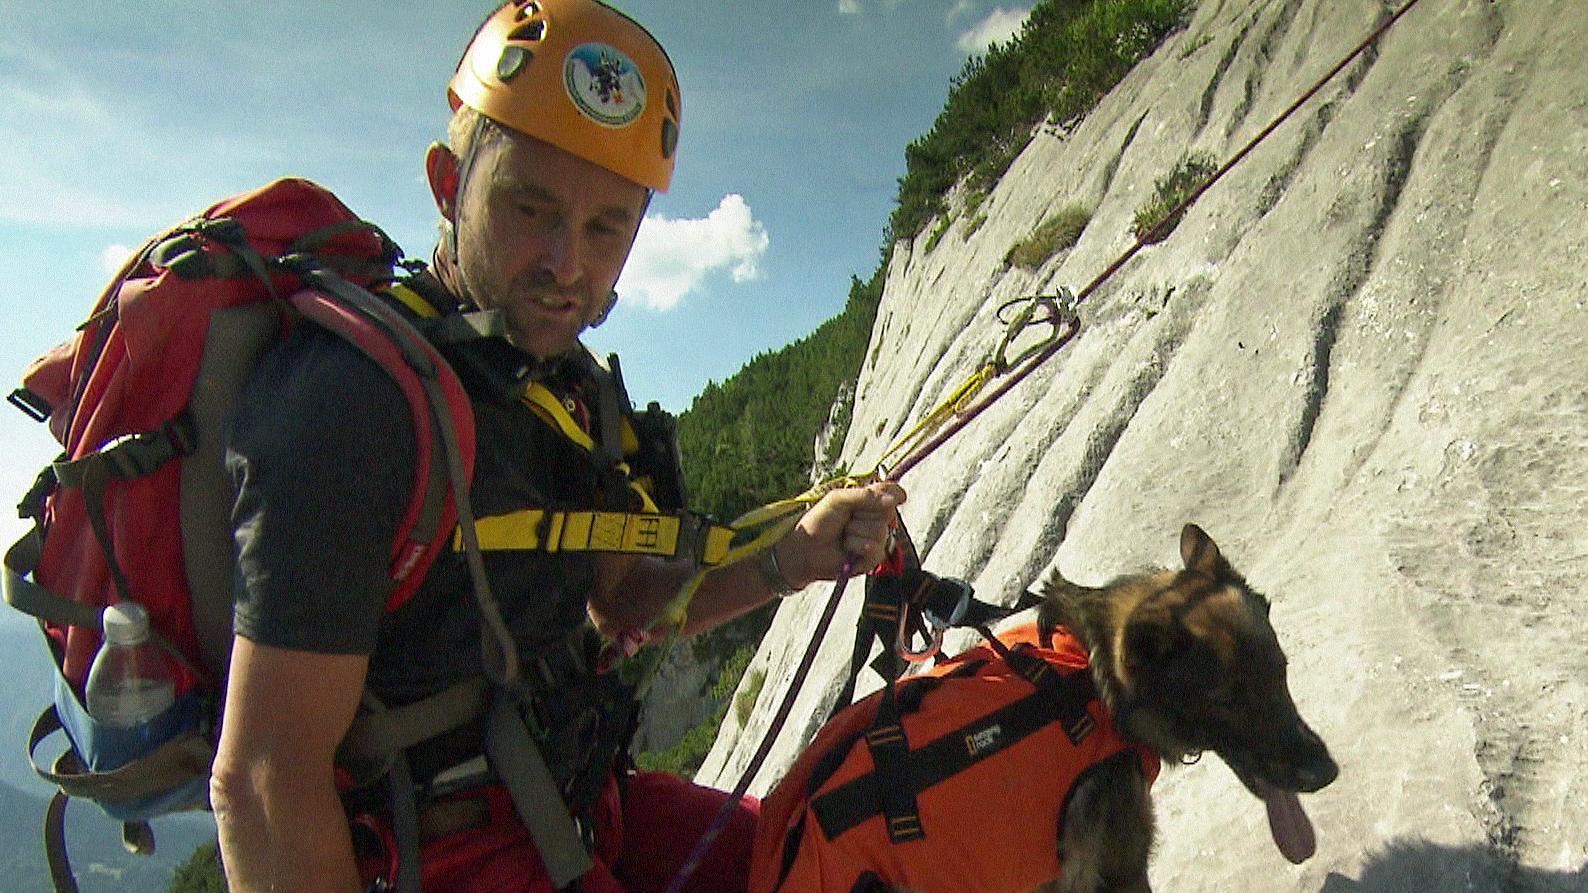 Berg-Rettung mit Suchhund